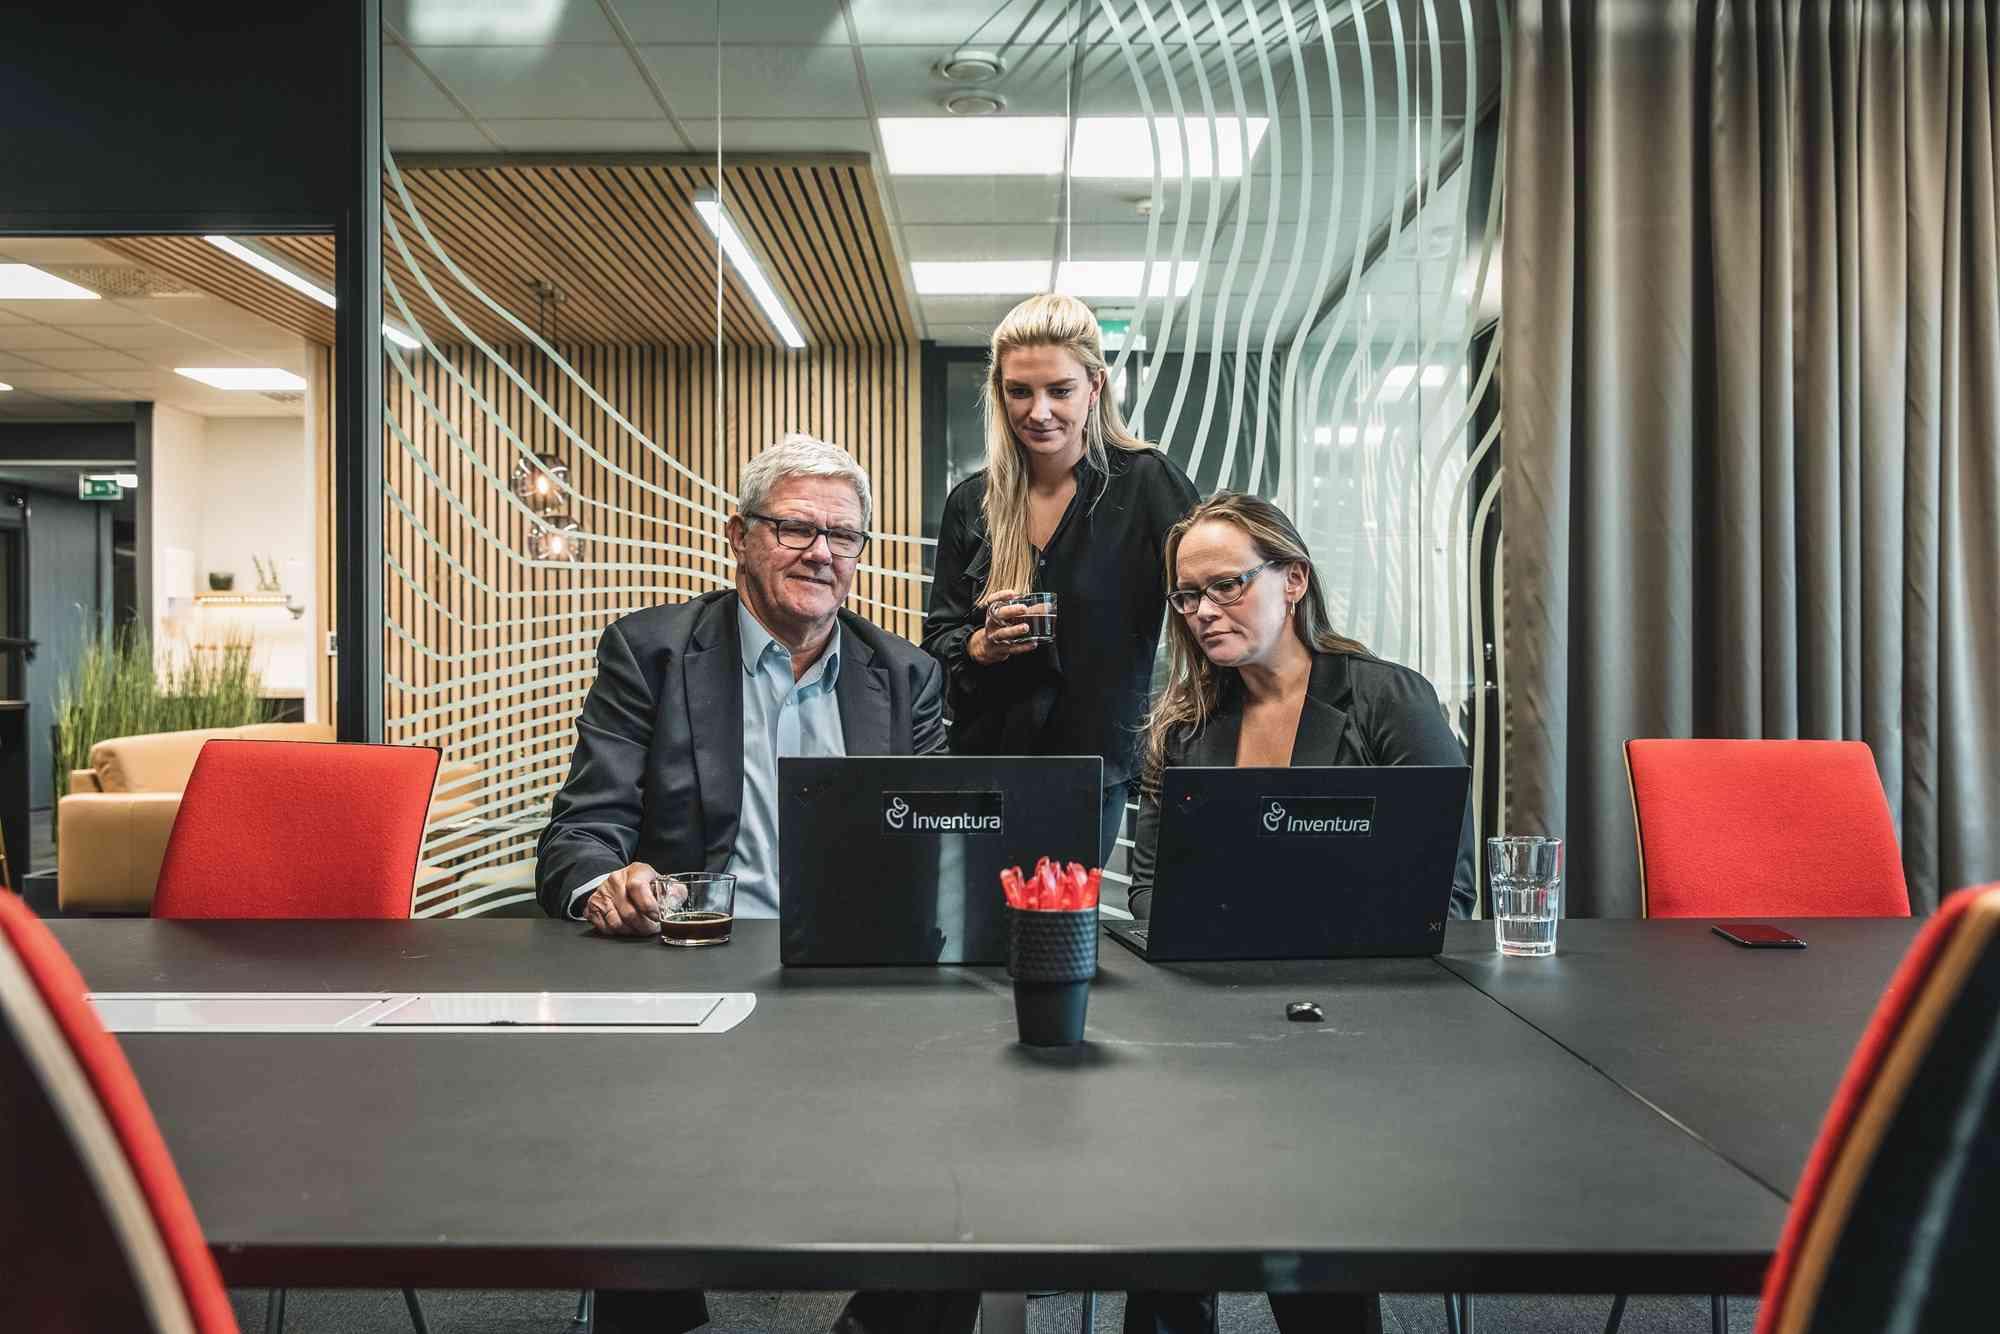 Tre kolleger i dialog i et av møterommene hos Invantura. Selskabet bistår blant annet med innkjøpsstrategi